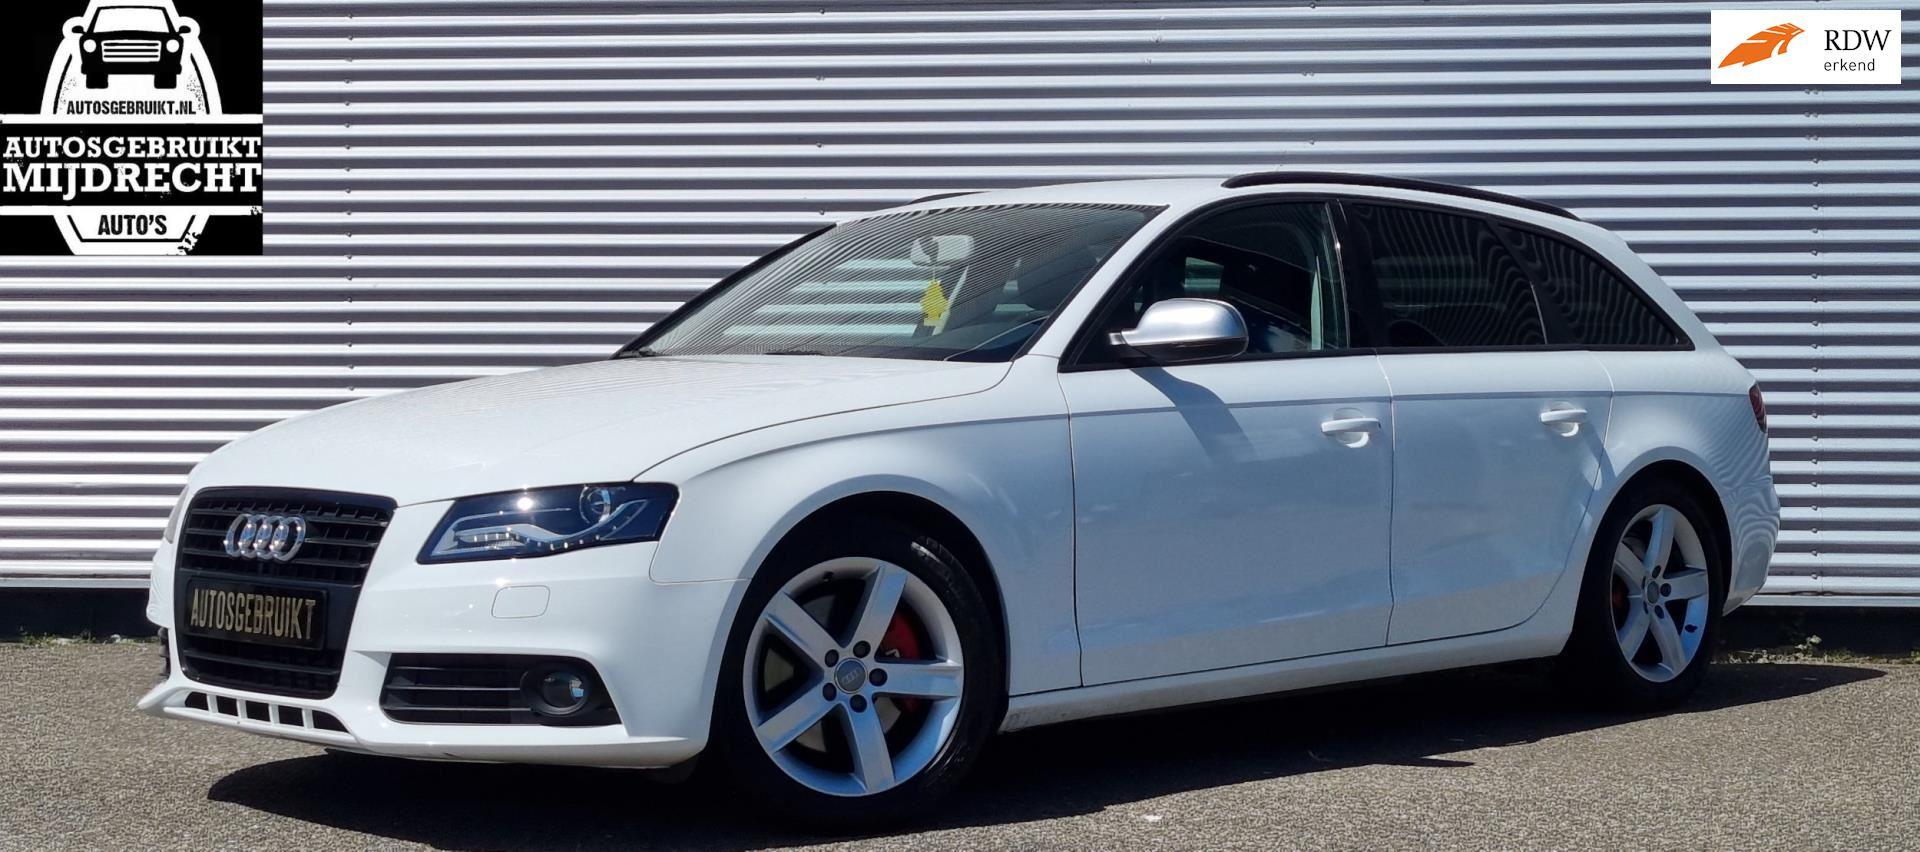 Audi A4 Avant occasion - Autosgebruikt Mijdrecht